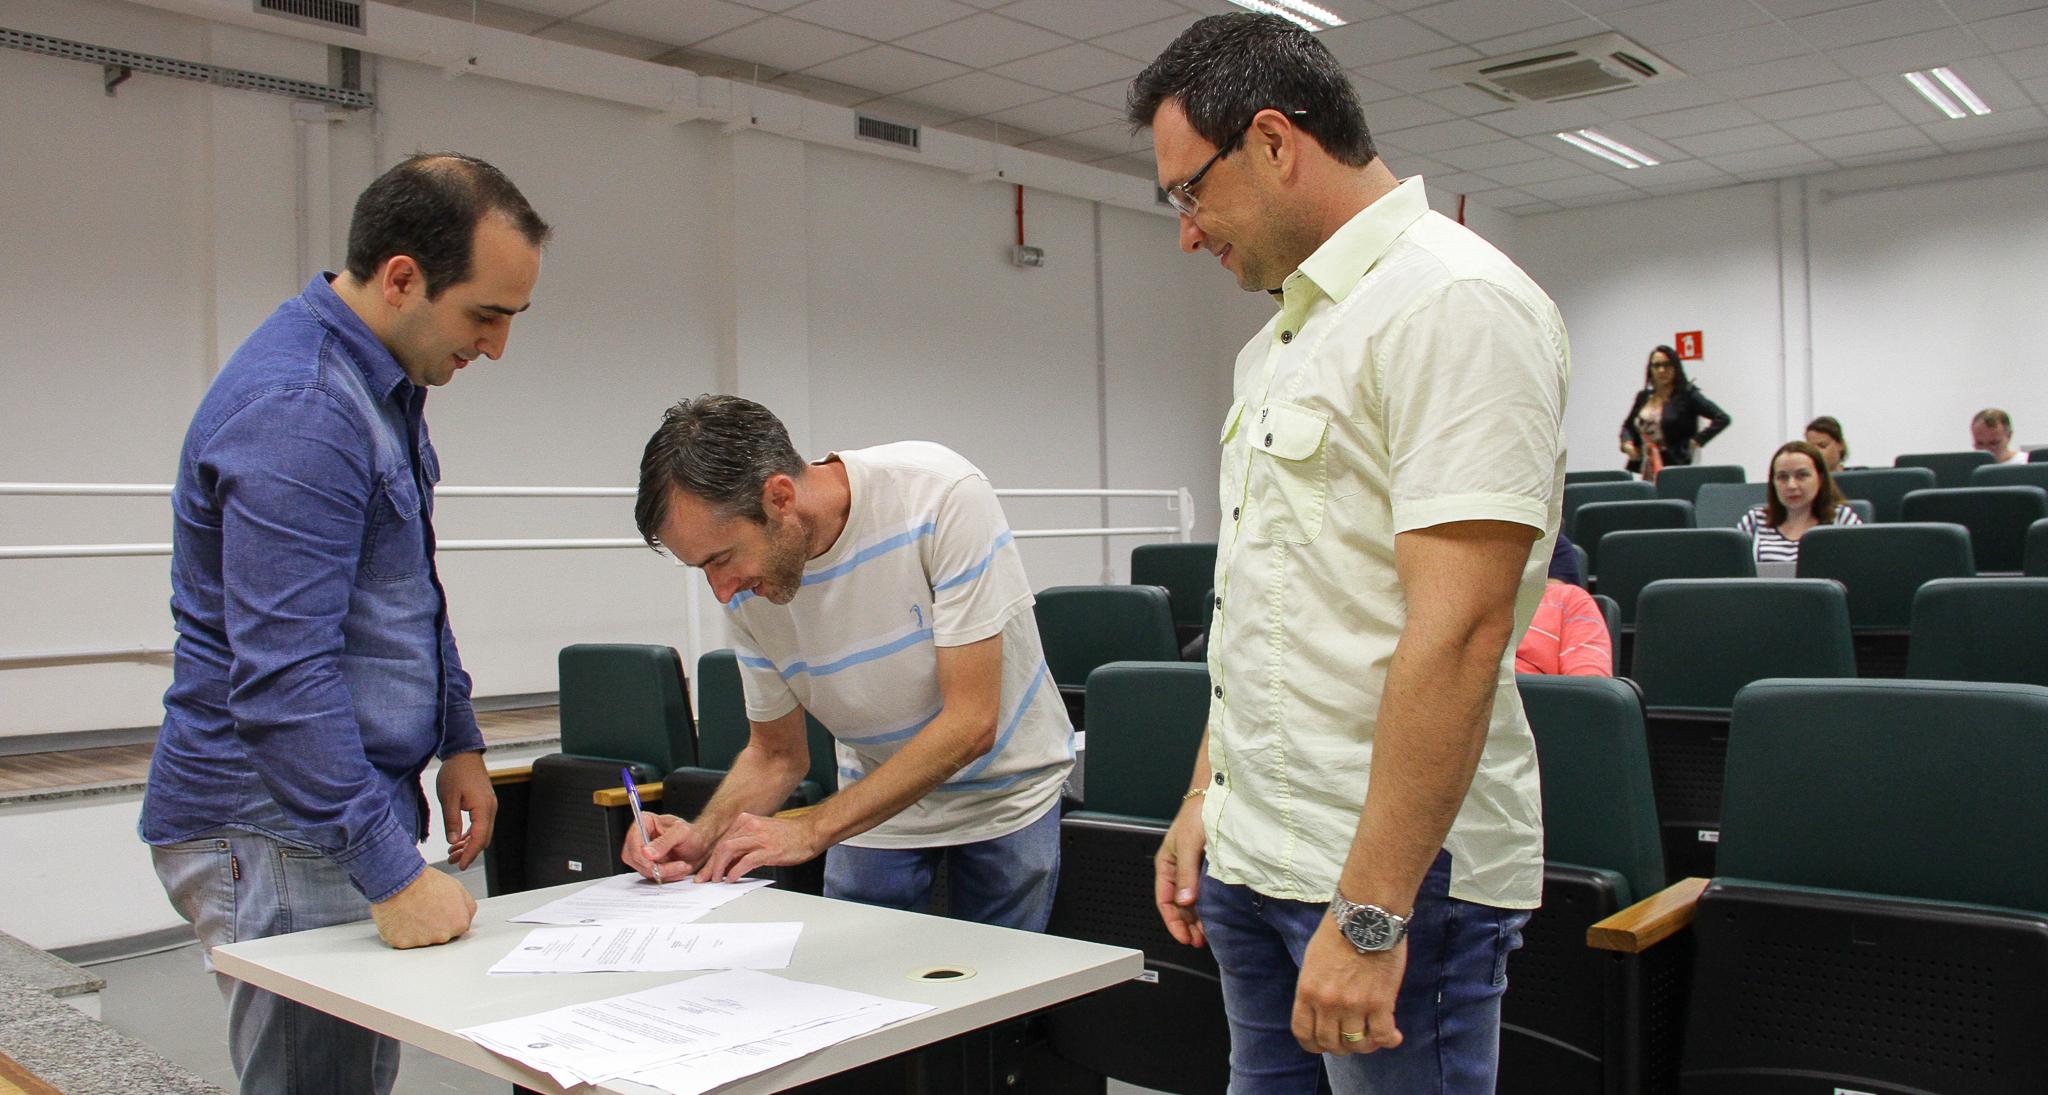 Três homens assinando documentos